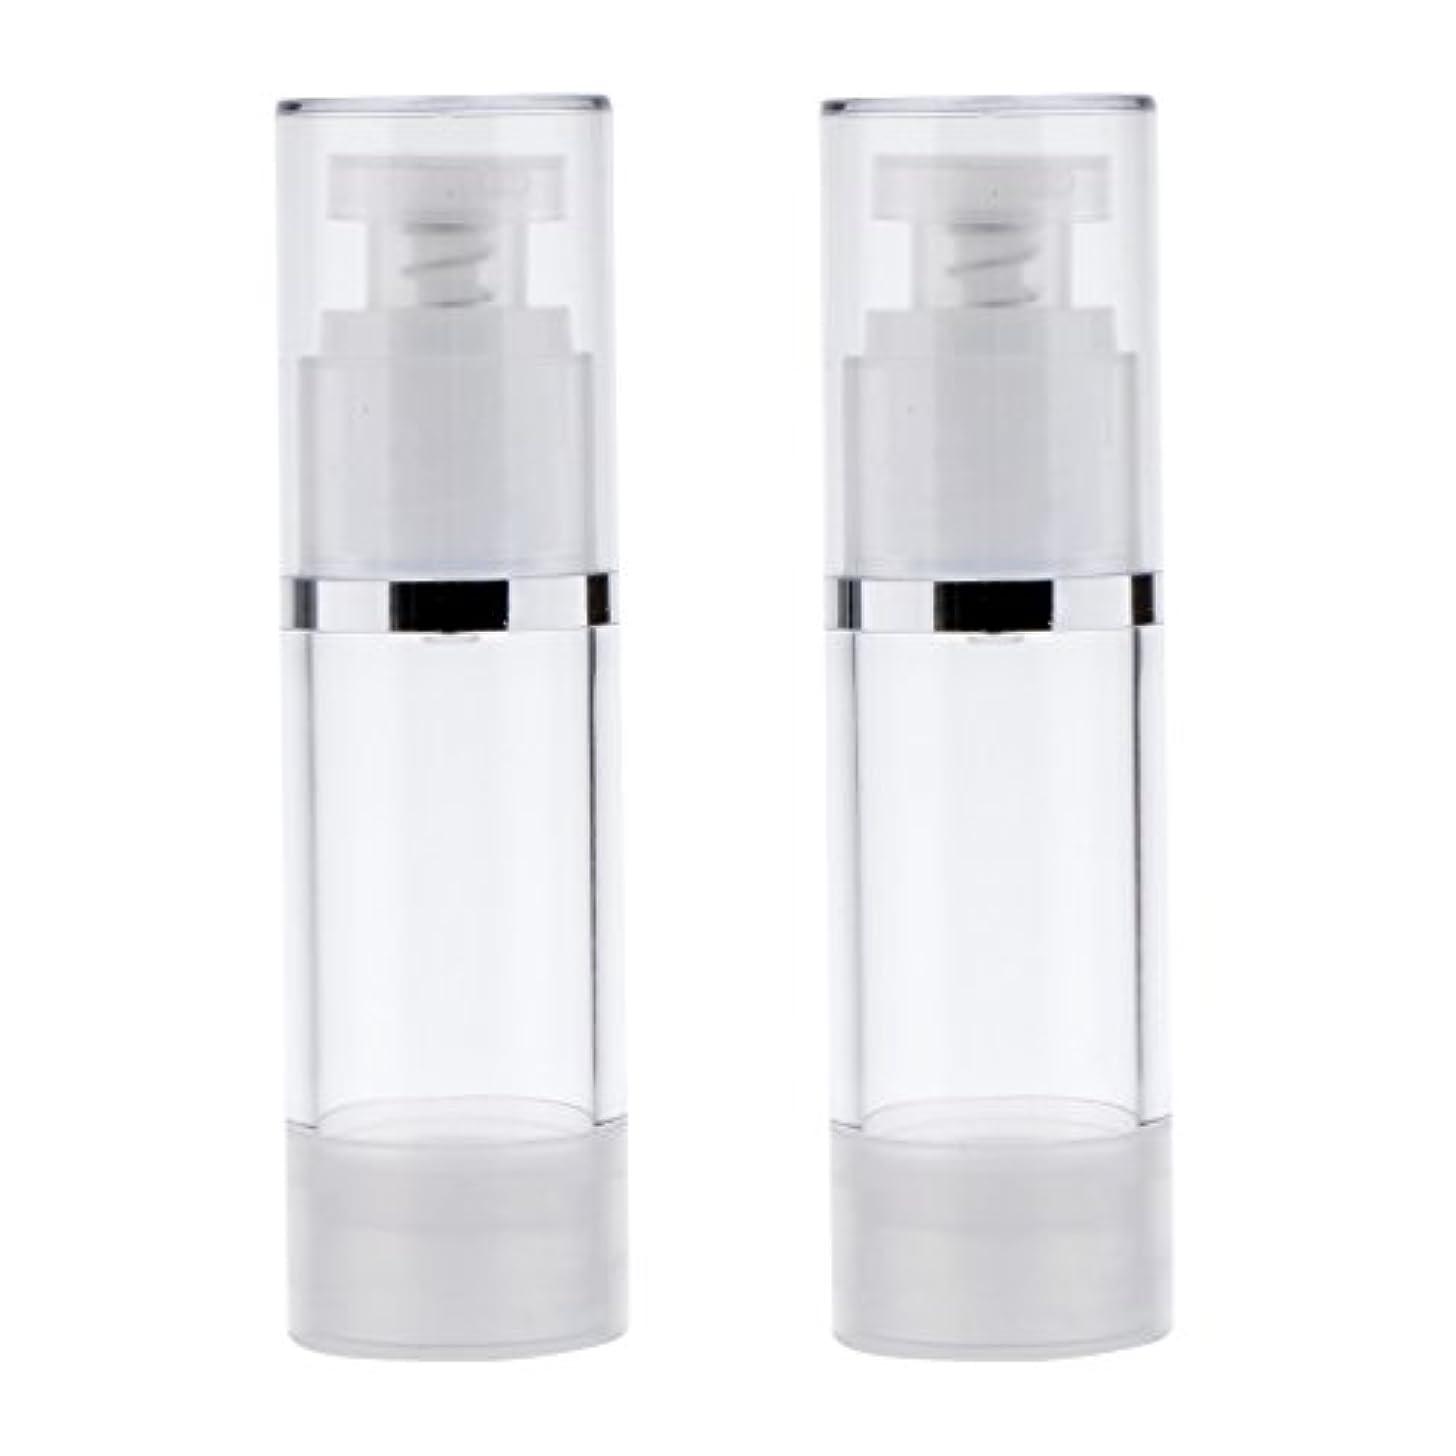 帝国リングウナギ2個 ポンプボトル ポンプチューブ エアレスボトル ディスペンサー コスメ 詰替えボトル 旅行小物 出張 3サイズ選べる - 30ml